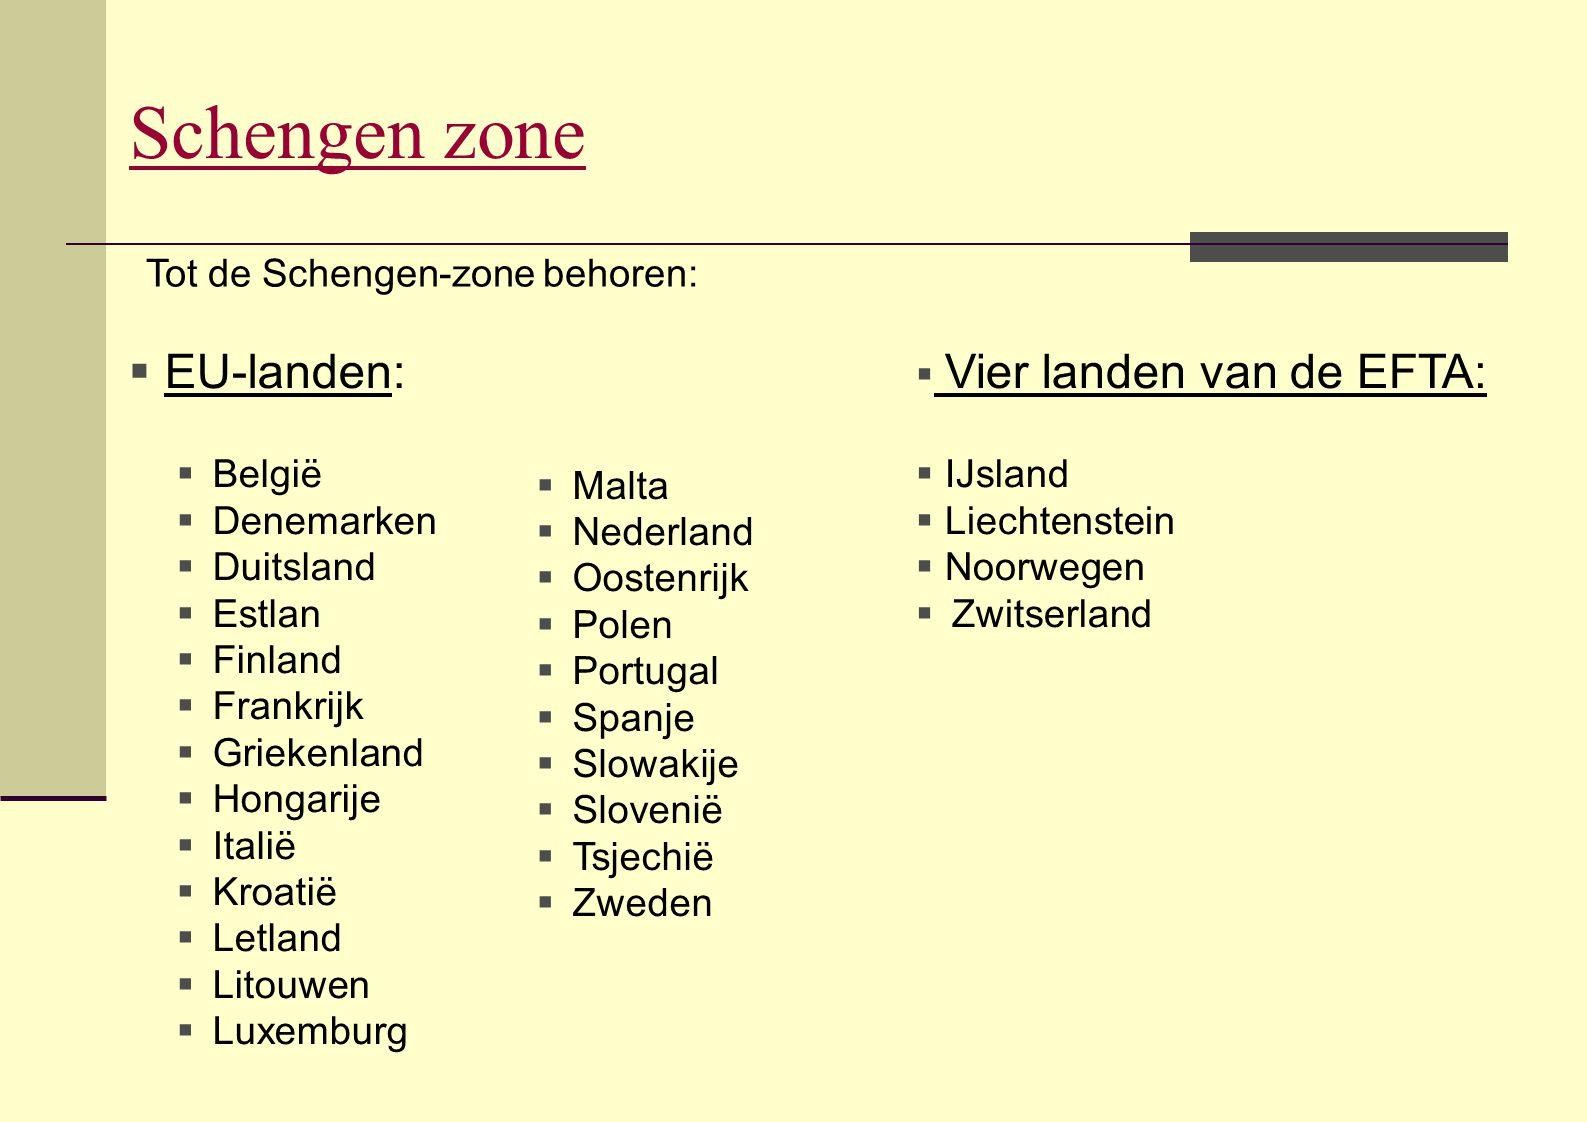 Gezinslid van derdelander (10 en 10bis Vw)Gezinslid van derdelander (10 en 10bis Vw)(1)  Toegestane (EU of niet-EU) gezinsleden :  Zijn echtgenote/gelijkgestelde partner, ouder dan 21 (18+ bij gezinshereniging)  Geregistreerde partner ouder dan 21 jaar (18+ indien 1 jaar samengewoond voor komst van gezinshereniger naar België); moet duurzame relatie kunnen aantonen:  1 jaar op legale wijze hebben samengewoond in België of buitenland, of,  duurzame en stabiele relatie van minstens 2 jaar + 3x ontmoet = 45 dagen+, of,  gemeenschappelijk kind  Zijn minderjarige (-18j) of meerderjarig gehandicapte kinderen  Zijn ouder(s) indien het een alleenstaande minderjarige betreft die erkend werd als vluchteling of die subsidiair bescherming heeft bekomen  Voorwaarden:  Voldoende huisvesting via geregistreerd huurcontract of notariële eigendomstitel  Stabiele en toereikende bestaansmiddelen: 120% leefloon als referentiebedrag, dat niet mag bestaan uit OCMW-steun, gezinsbijslag, wachtuitkering en overbruggingsuitkering  Derdelander met onbeperkt verblijf wiens eigen kinderen gezinshereniging doen, hoeft geen bestaansmiddelen te bewijzen  Ouders van alleenstaande minderjarige moeten pas bestaansmiddelen bewijzen om permanent verblijf te bekomen (na 3 jaar voorwaardelijk verblijf)  Ziekteverzekering  Indien gezinshereniging met erkende vluchteling of vreemdeling met subsidiaire bescherming binnen het jaar na de erkenning/toekenning beschermingsstatus gelden bovenstaande 3 voorwaarden niet  Derdelander met onbeperkt verblijfsrecht moet soms voorafgaand verblijf bewijzen van 1 jaar (onbeperkt) verblijfsrecht